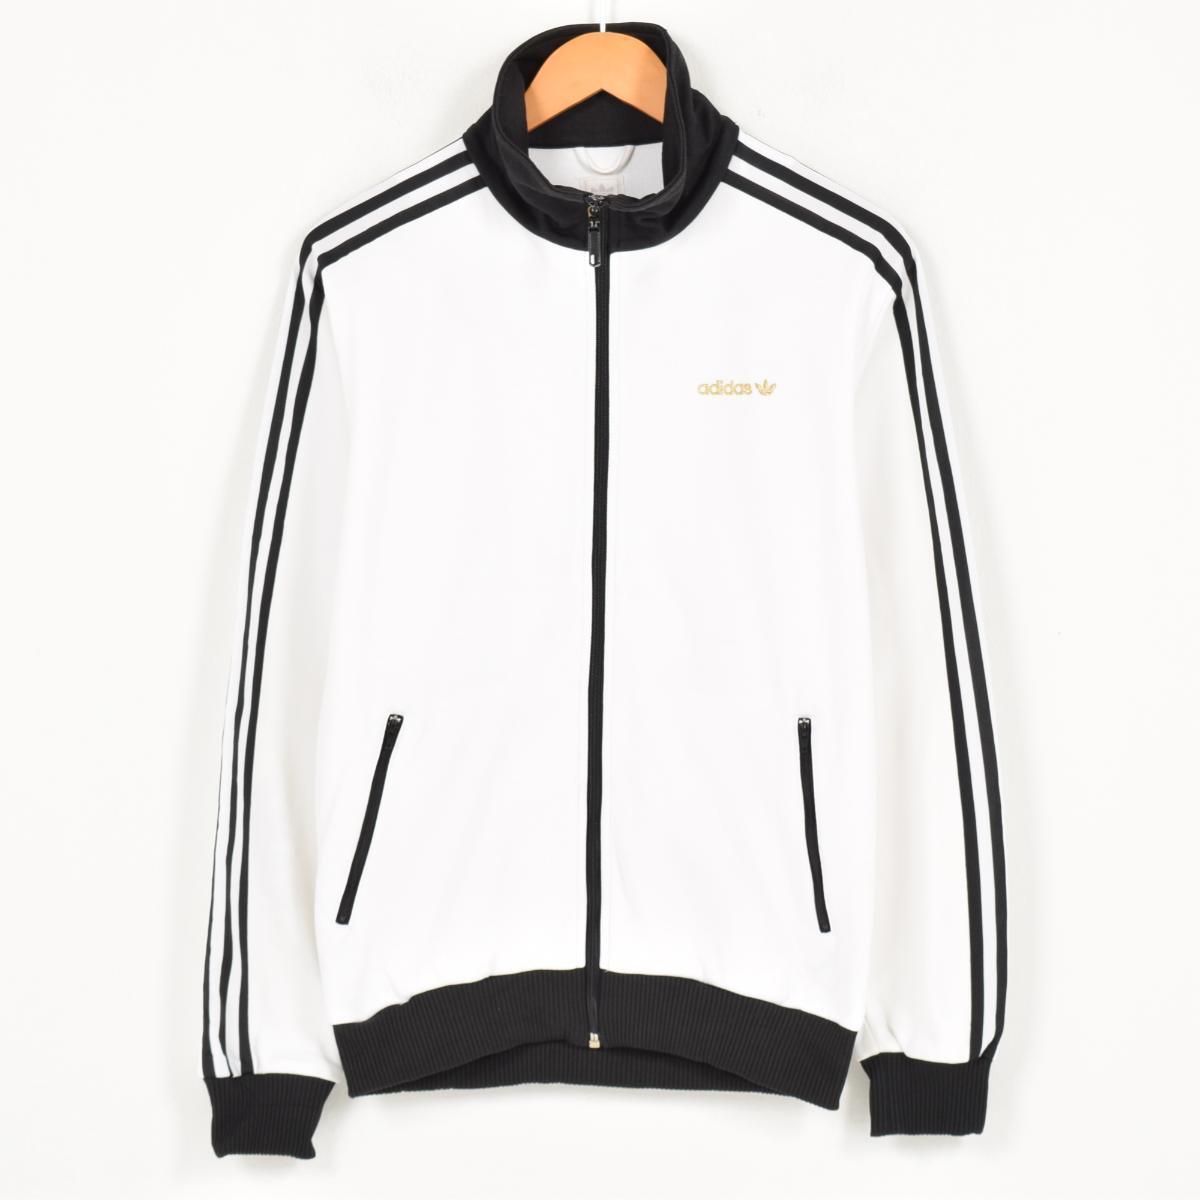 アディダス adidas ORIGINALS オリジナルス ジャージ トラックジャケット メンズS /wad0433 【中古】 【170807】